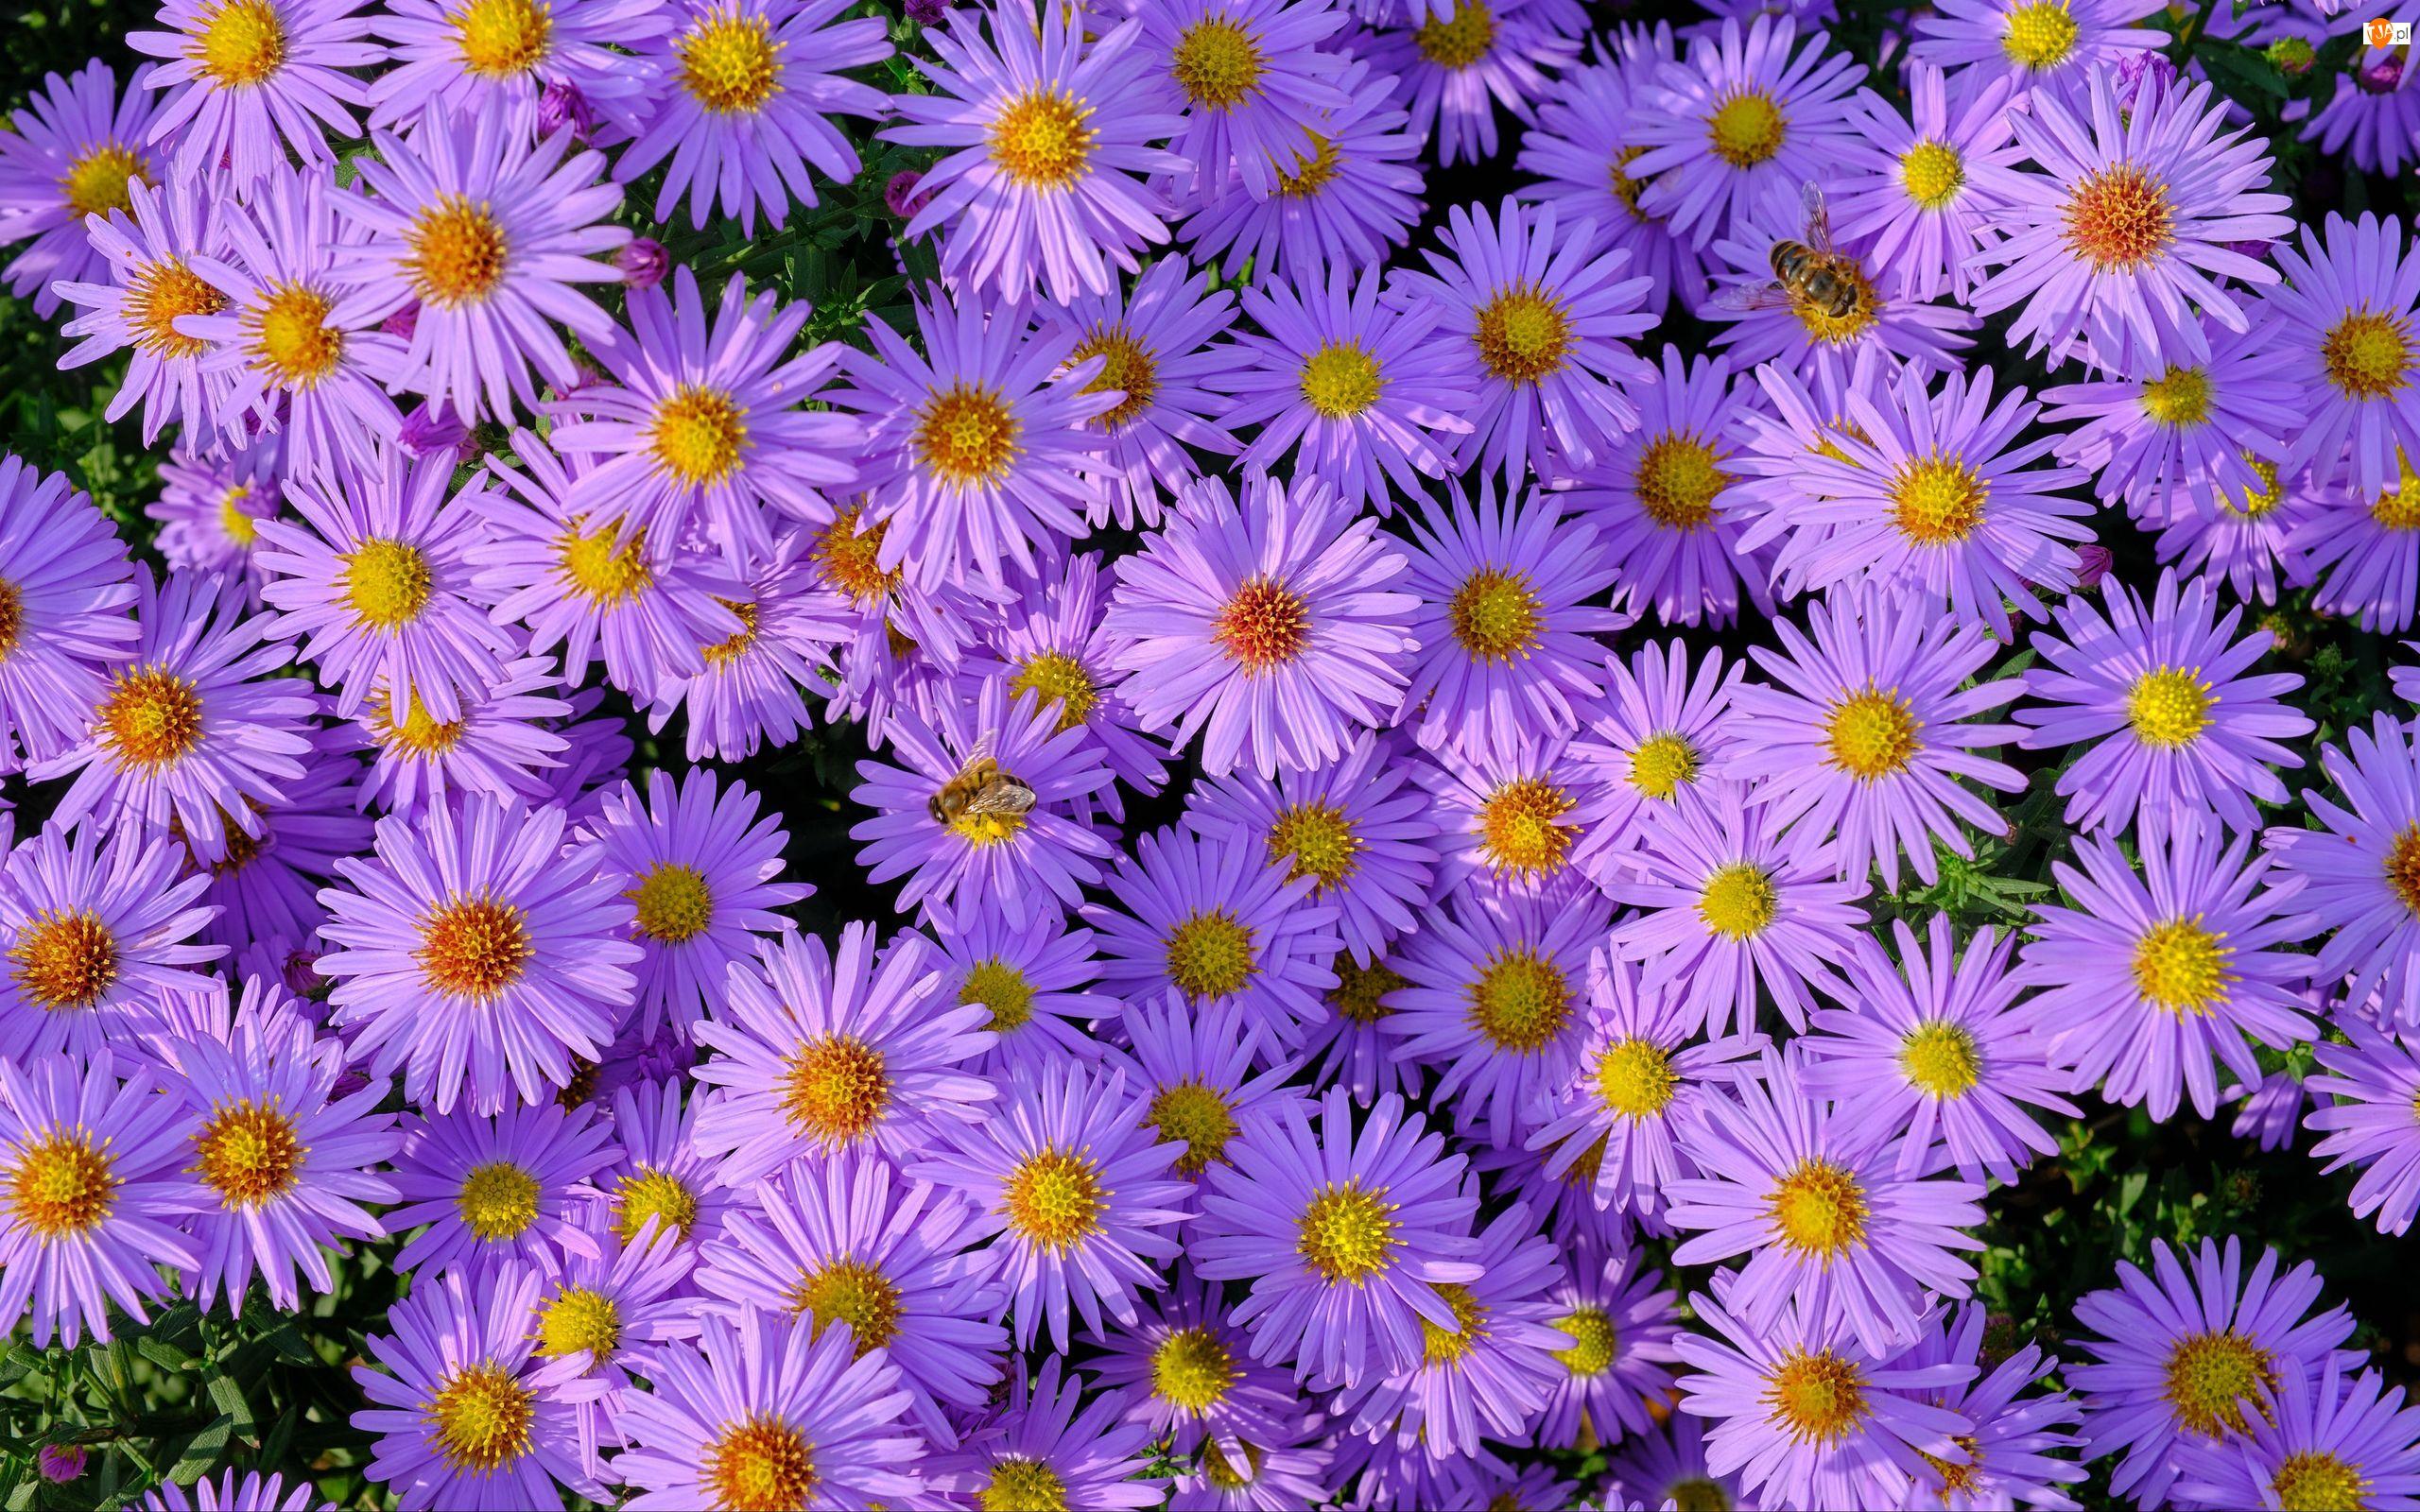 Astry, Kwiaty, Pszczoły, Fioletowe